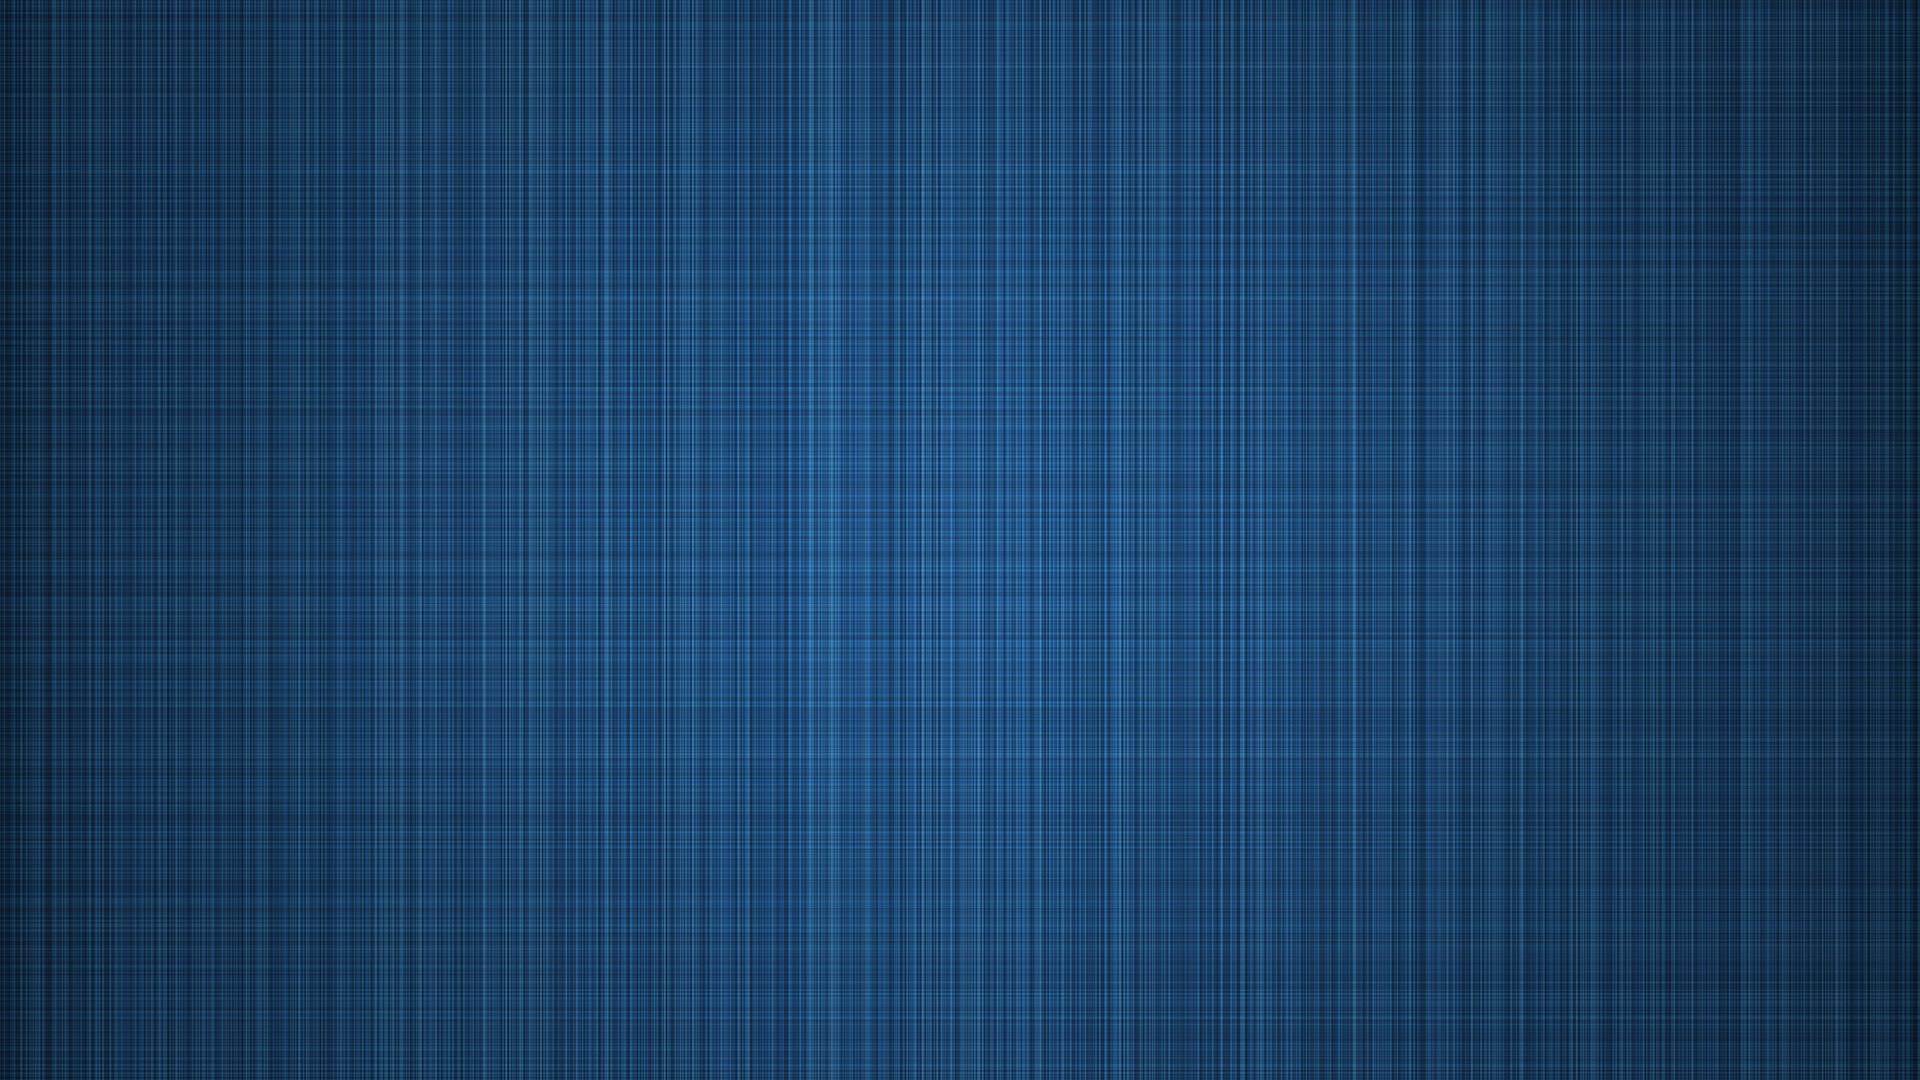 Fall Wallpaper Iphone 7 Vr79 Linen Blue Abstract Pattern Wallpaper